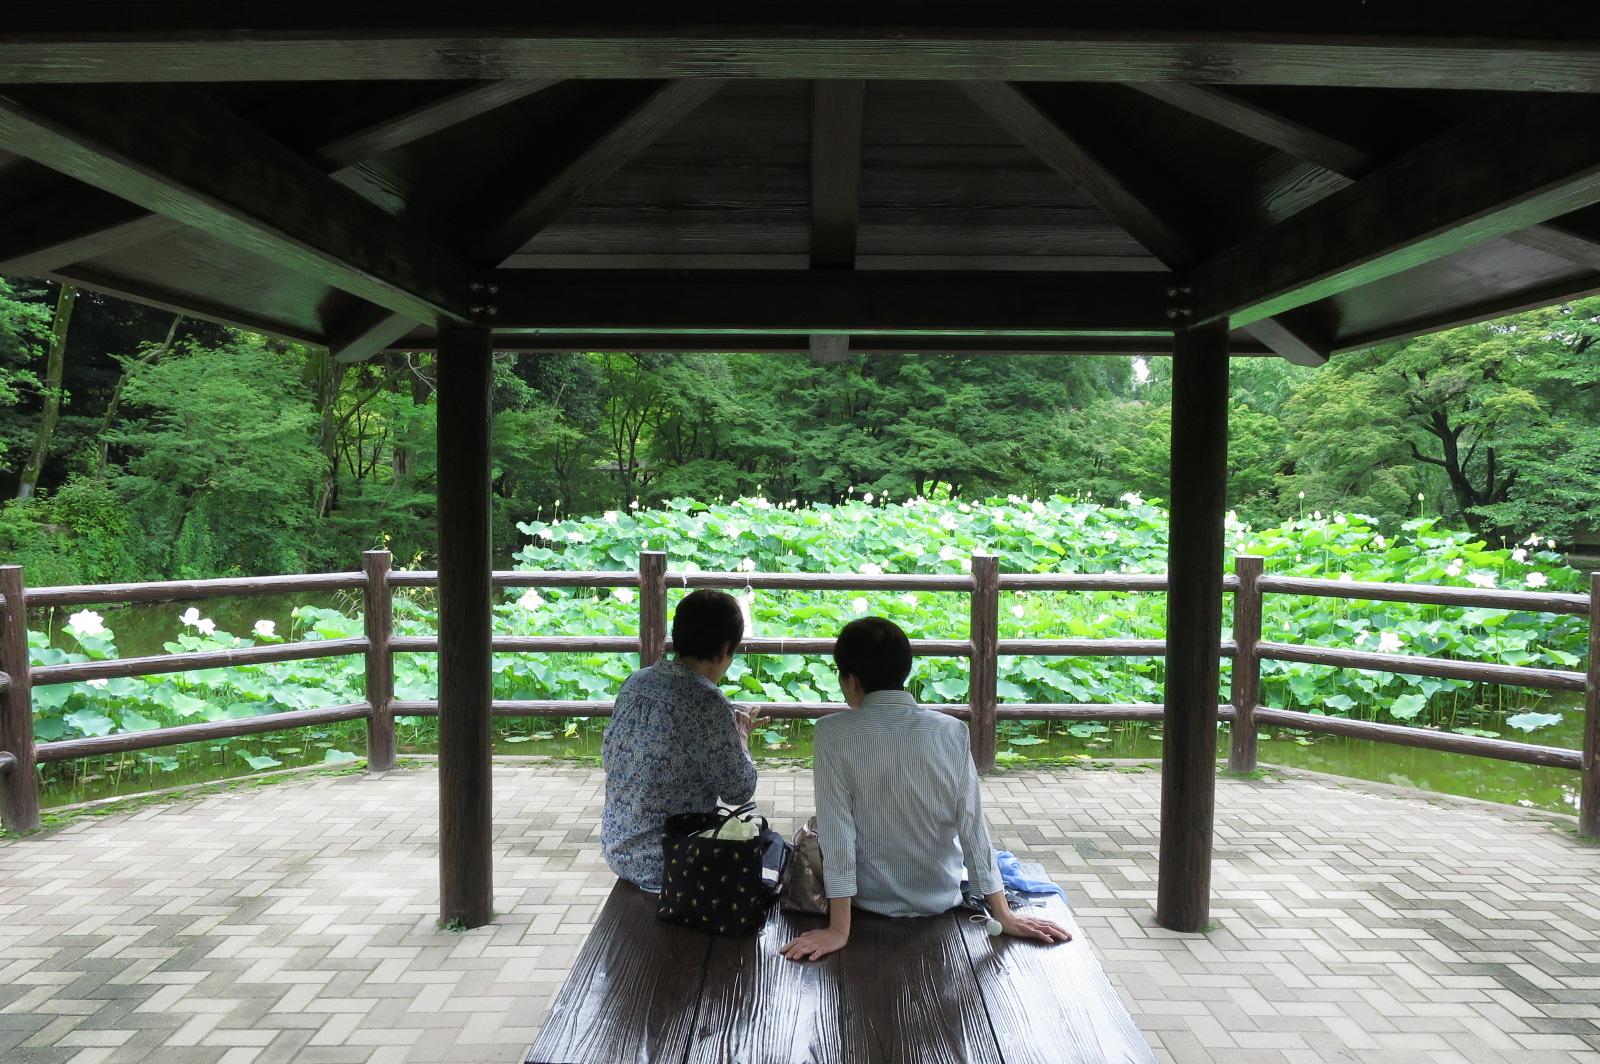 蓮池前の休憩所。のんびり会話を楽しみながらお茶やランチもできますね。